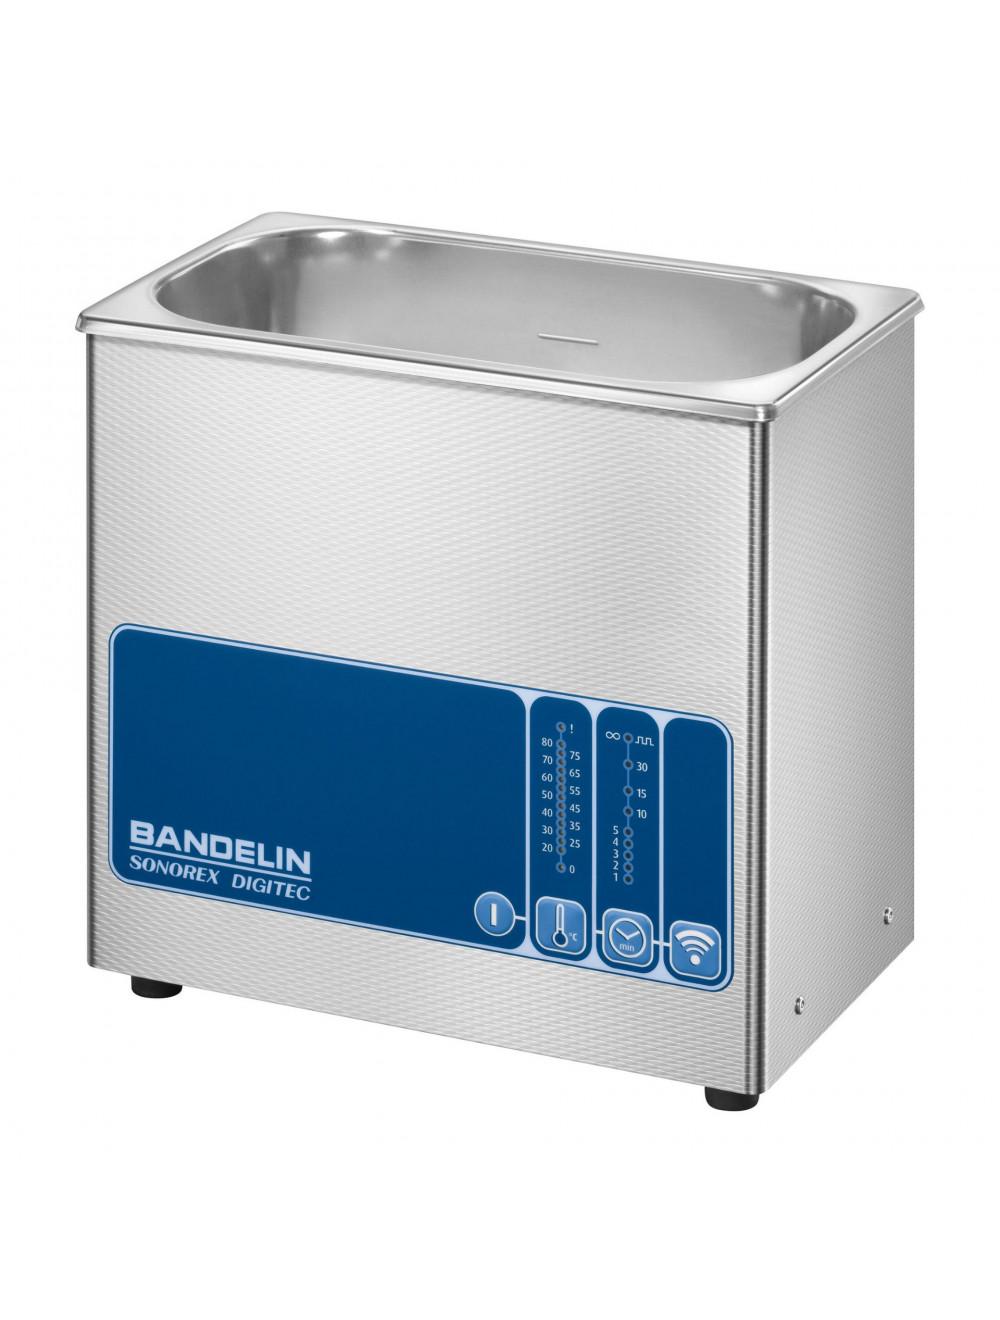 Bandelin SONOREX DIGITEC DT 100 H Hochleistungs-Ultraschallbad für die Reinigung und Probenbehandlung in wässrigen Flüssigkeiten, Heizung 3230